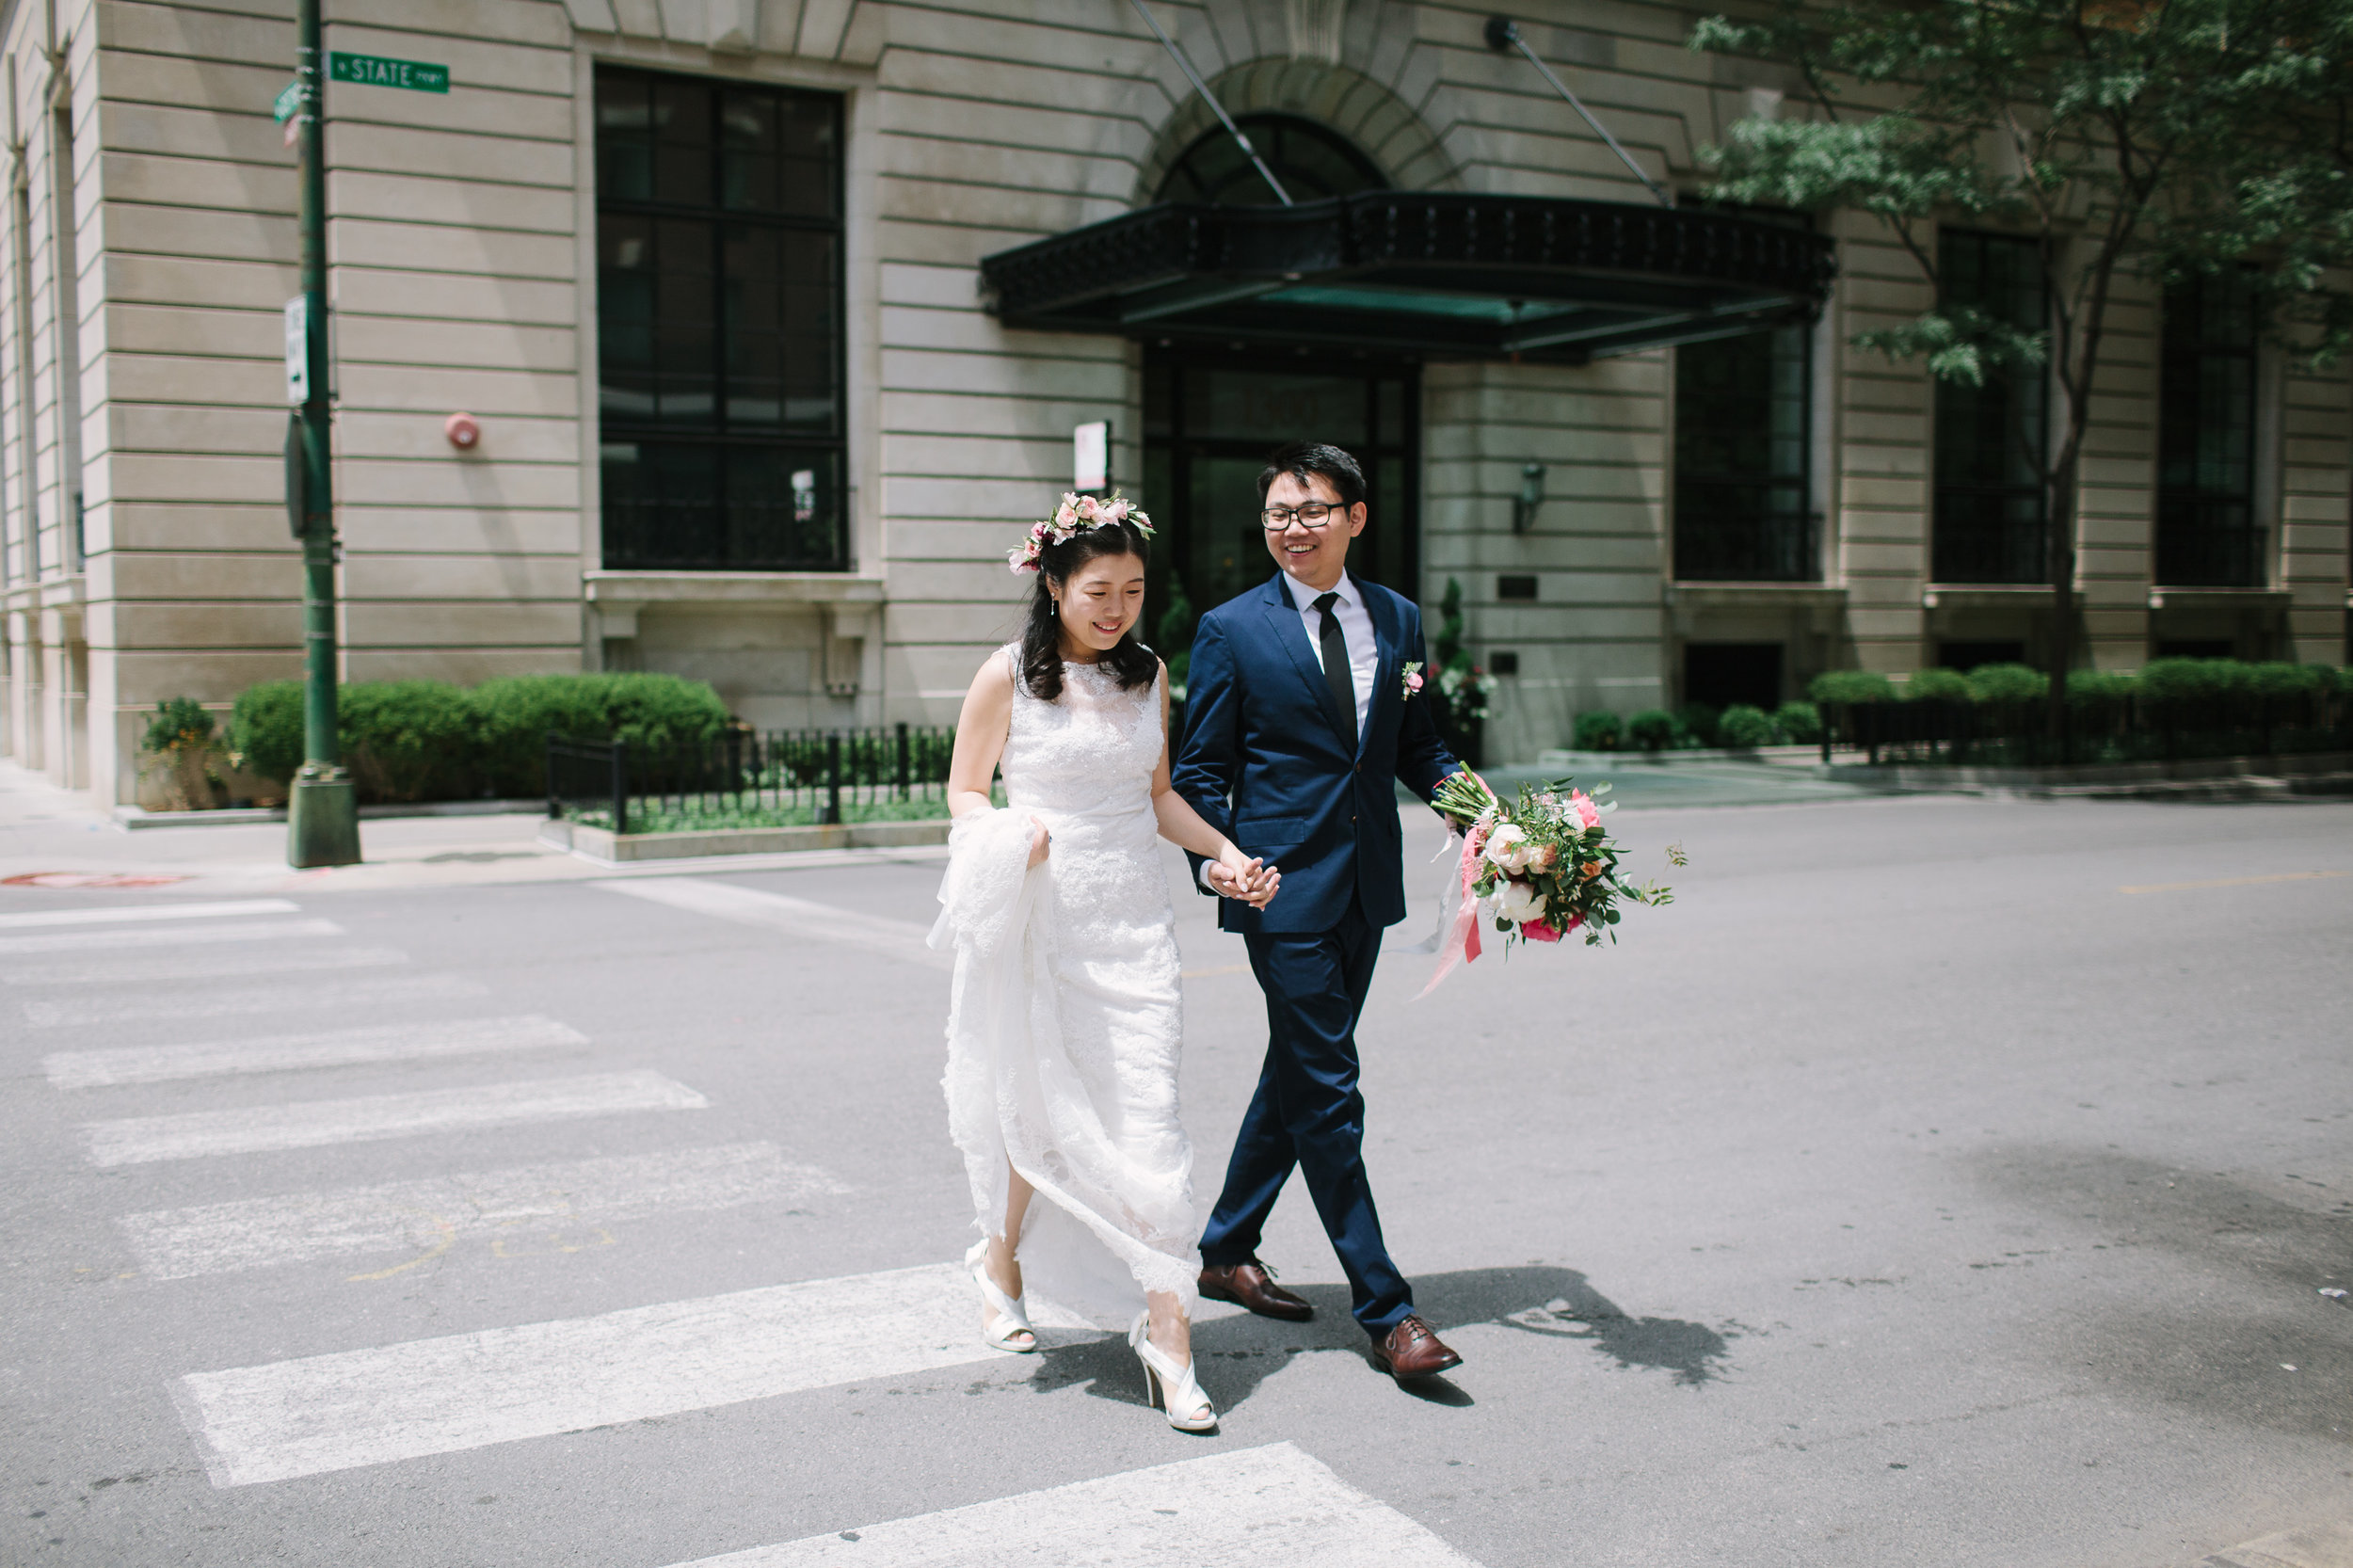 Nicodem Creative-Wang Wedding-Public Hotel Chicago-12.jpg